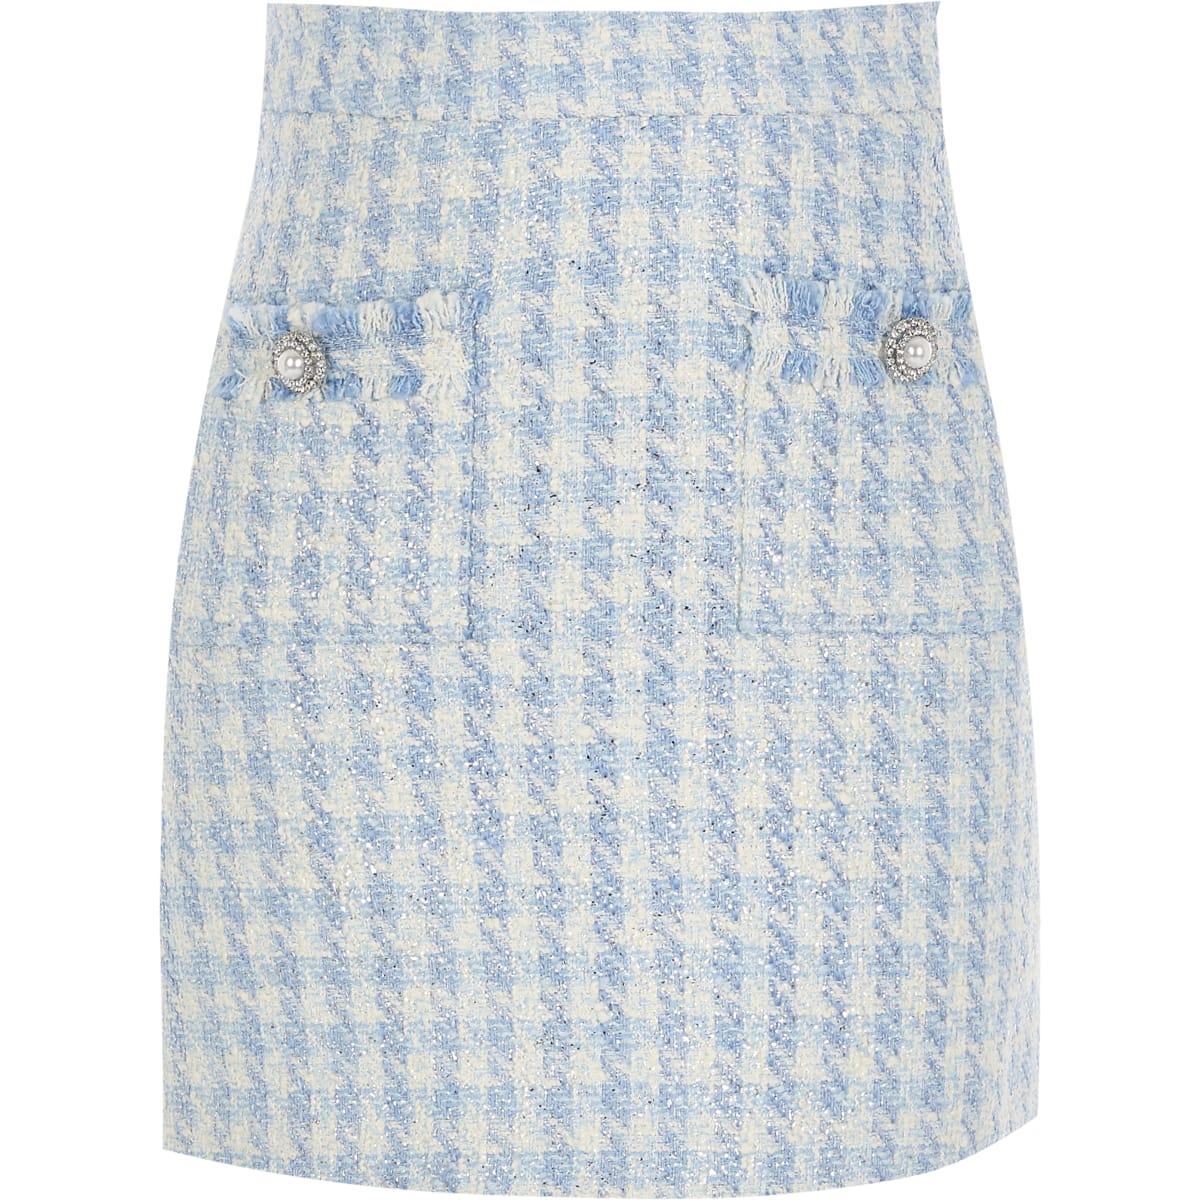 Blauwe bouclé verfraaide minirok voor meisjes